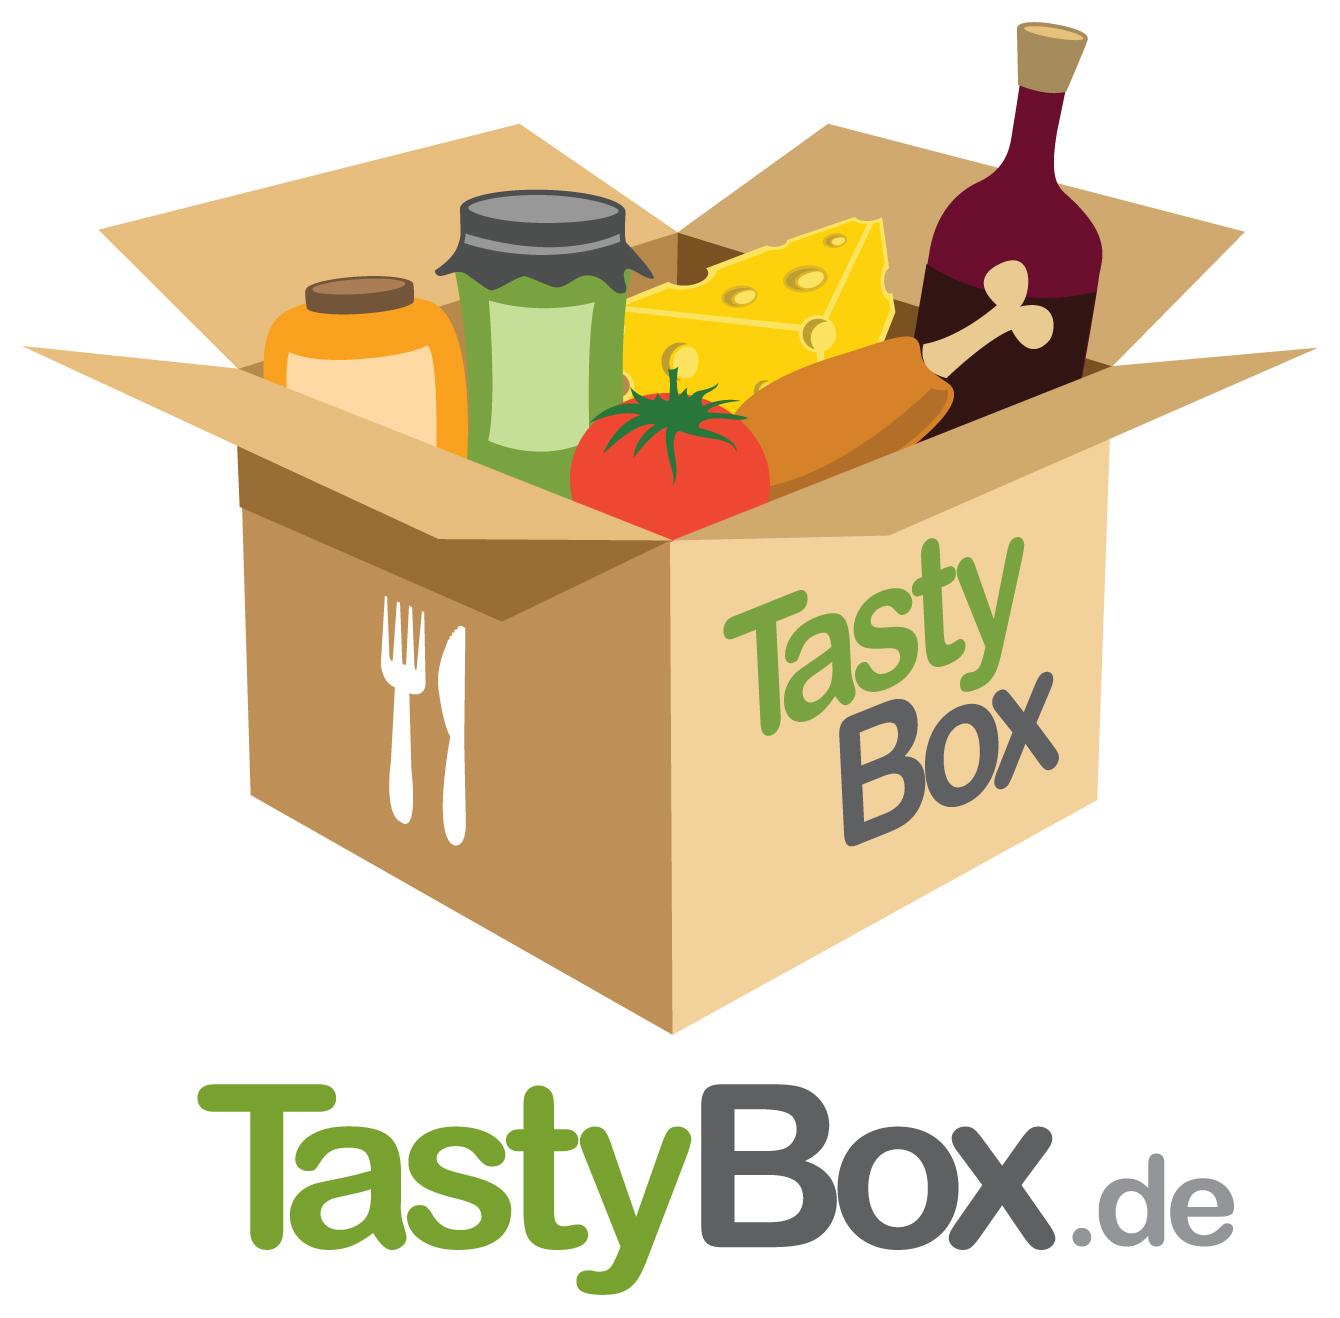 TastyBox - eine Verführung von Delikatessen